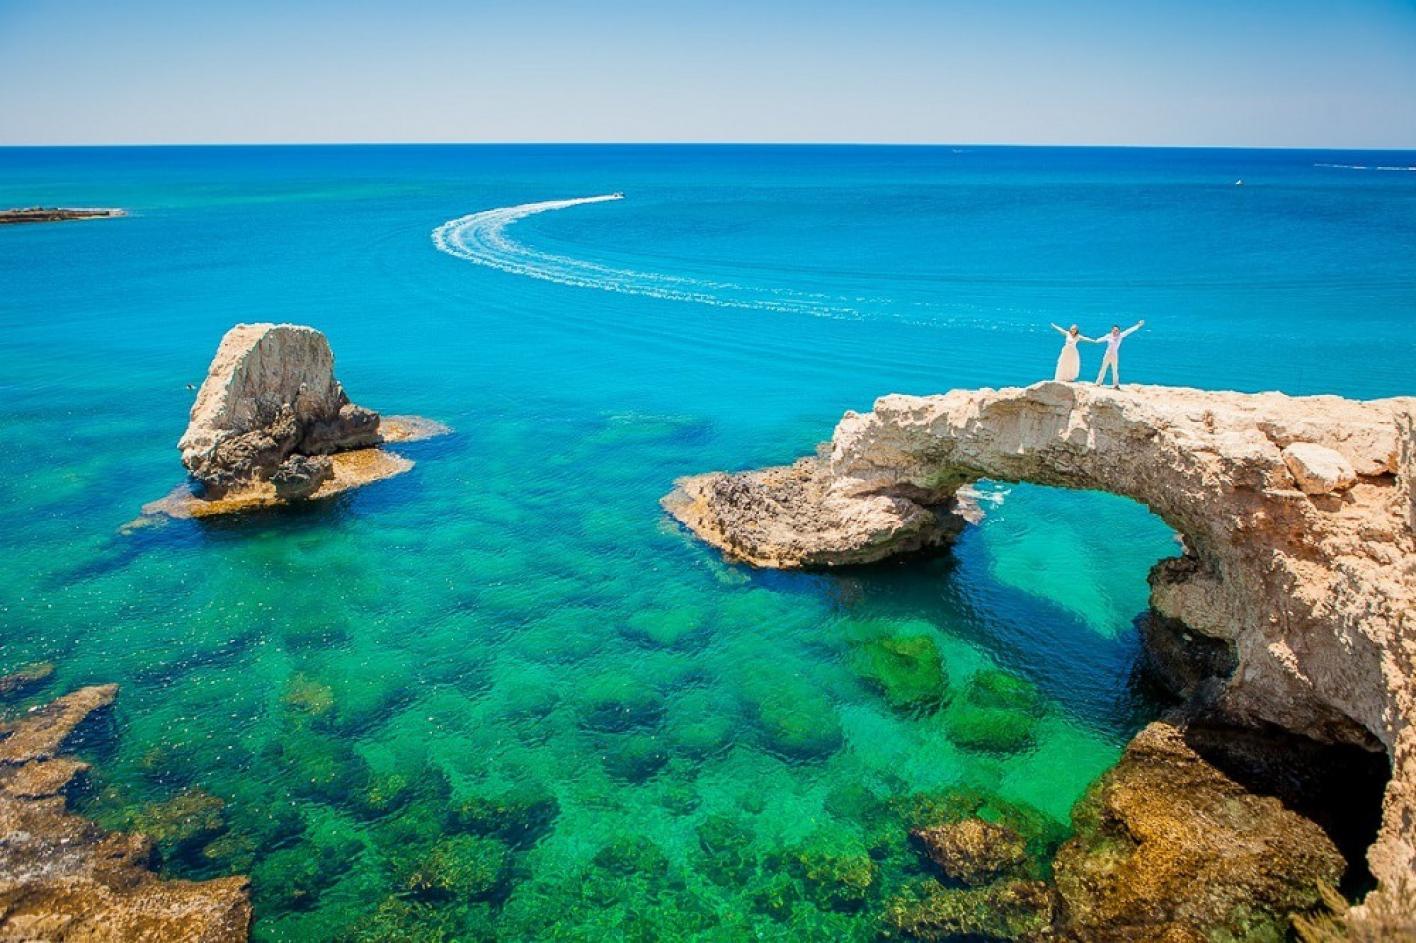 Туры из Краснодара в Пафос на Кипр: информация для путешественников